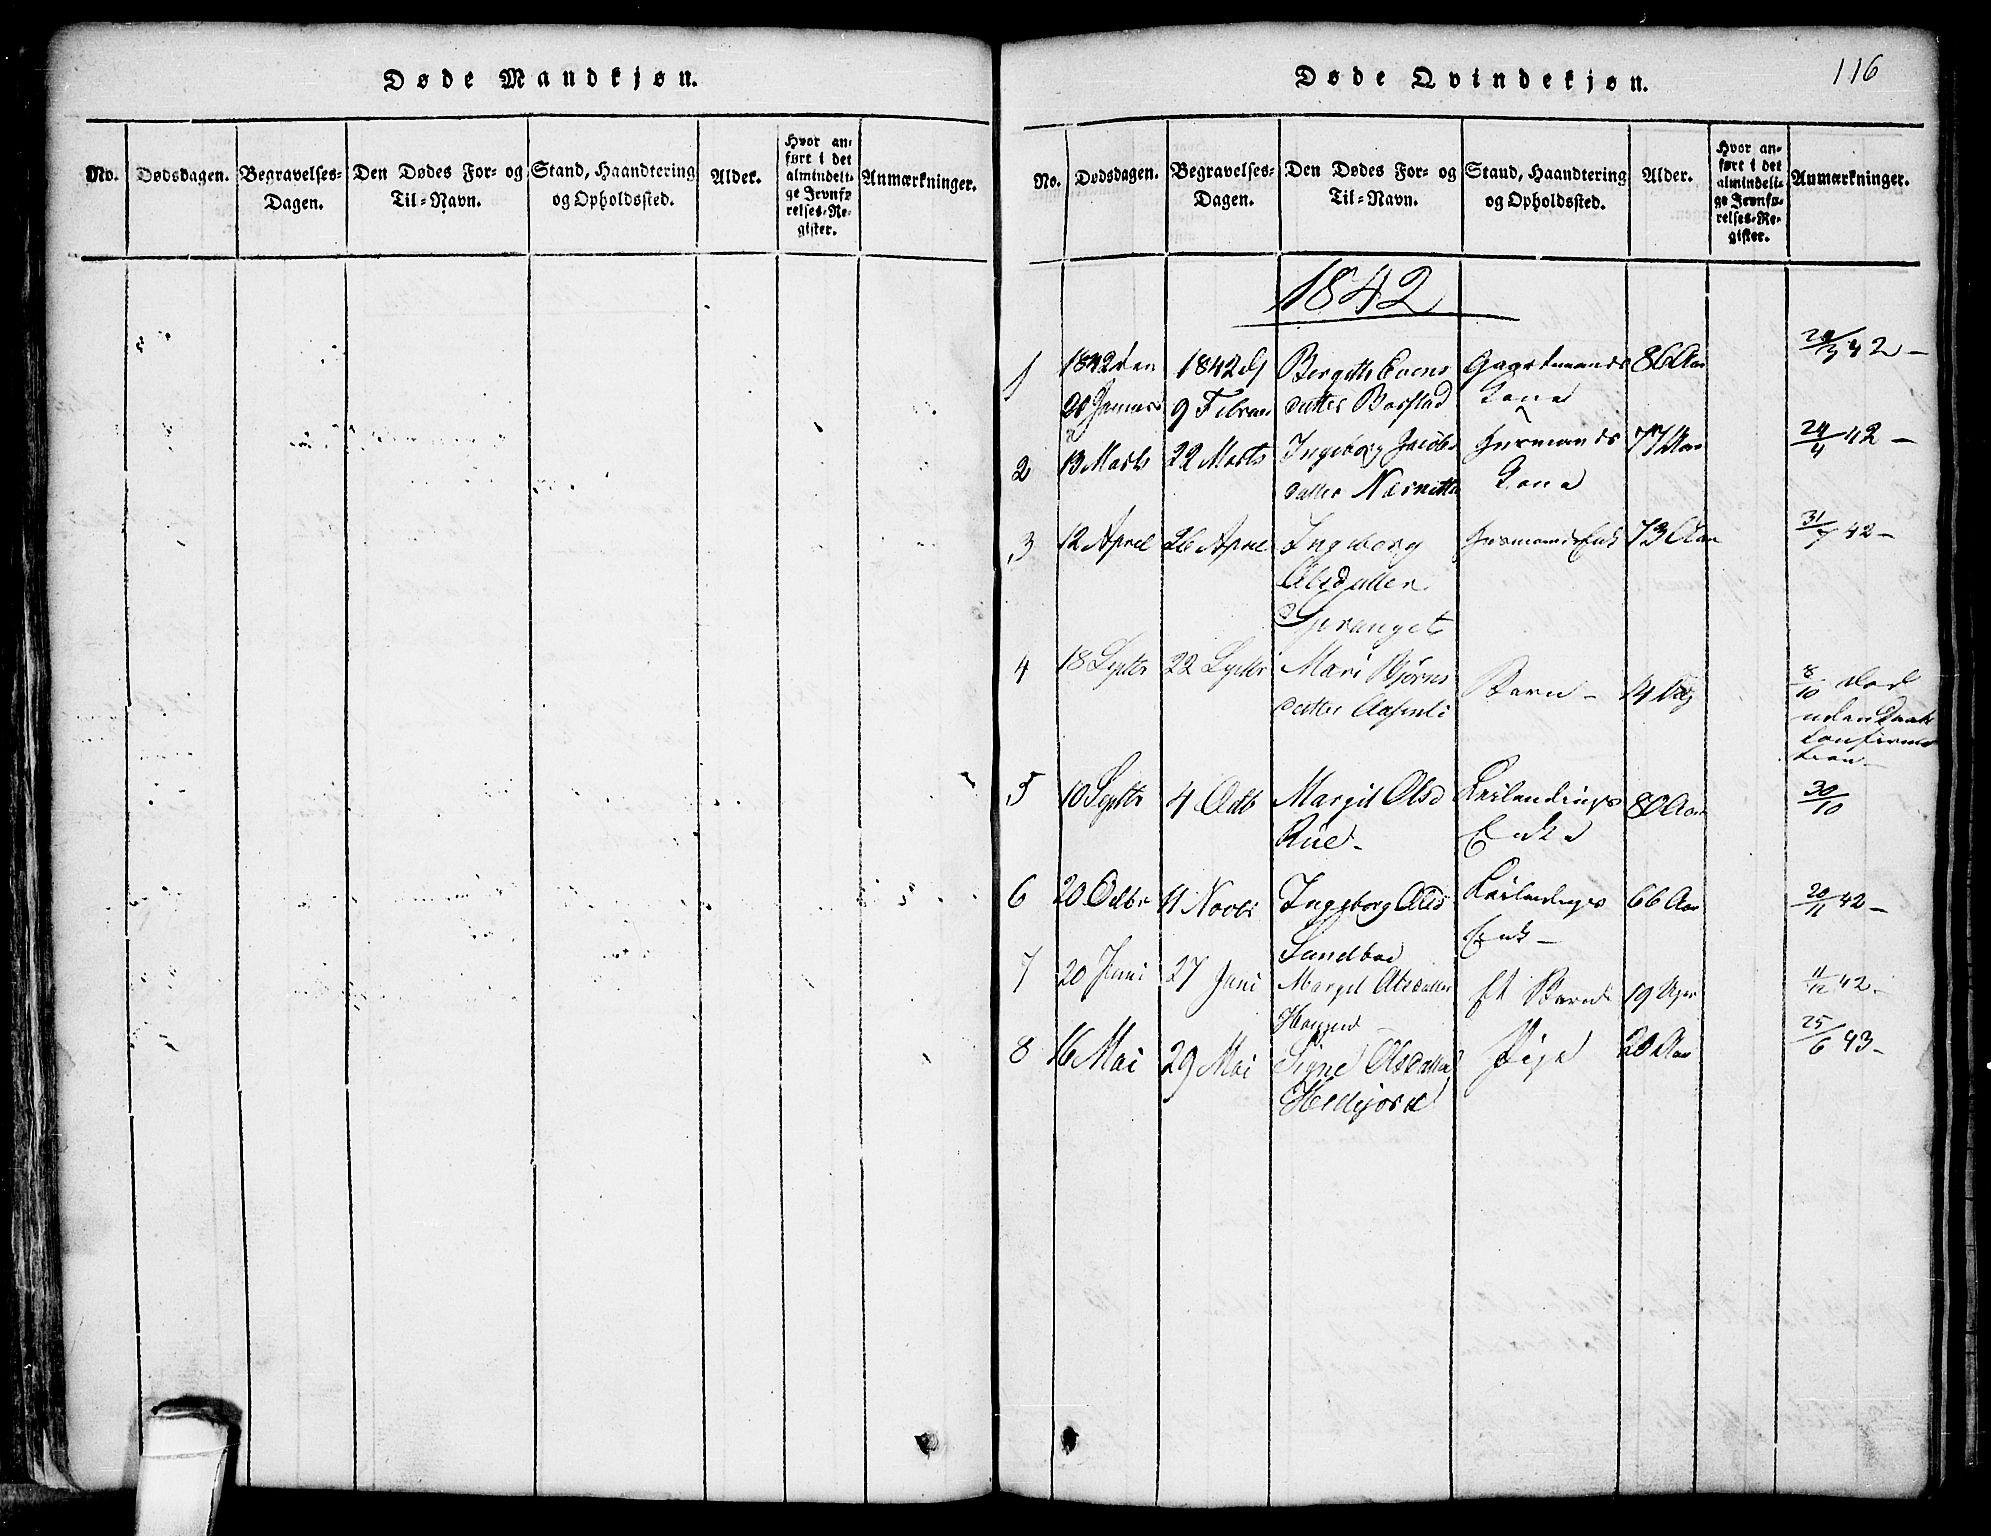 SAKO, Seljord kirkebøker, G/Gb/L0002: Klokkerbok nr. II 2, 1815-1854, s. 116